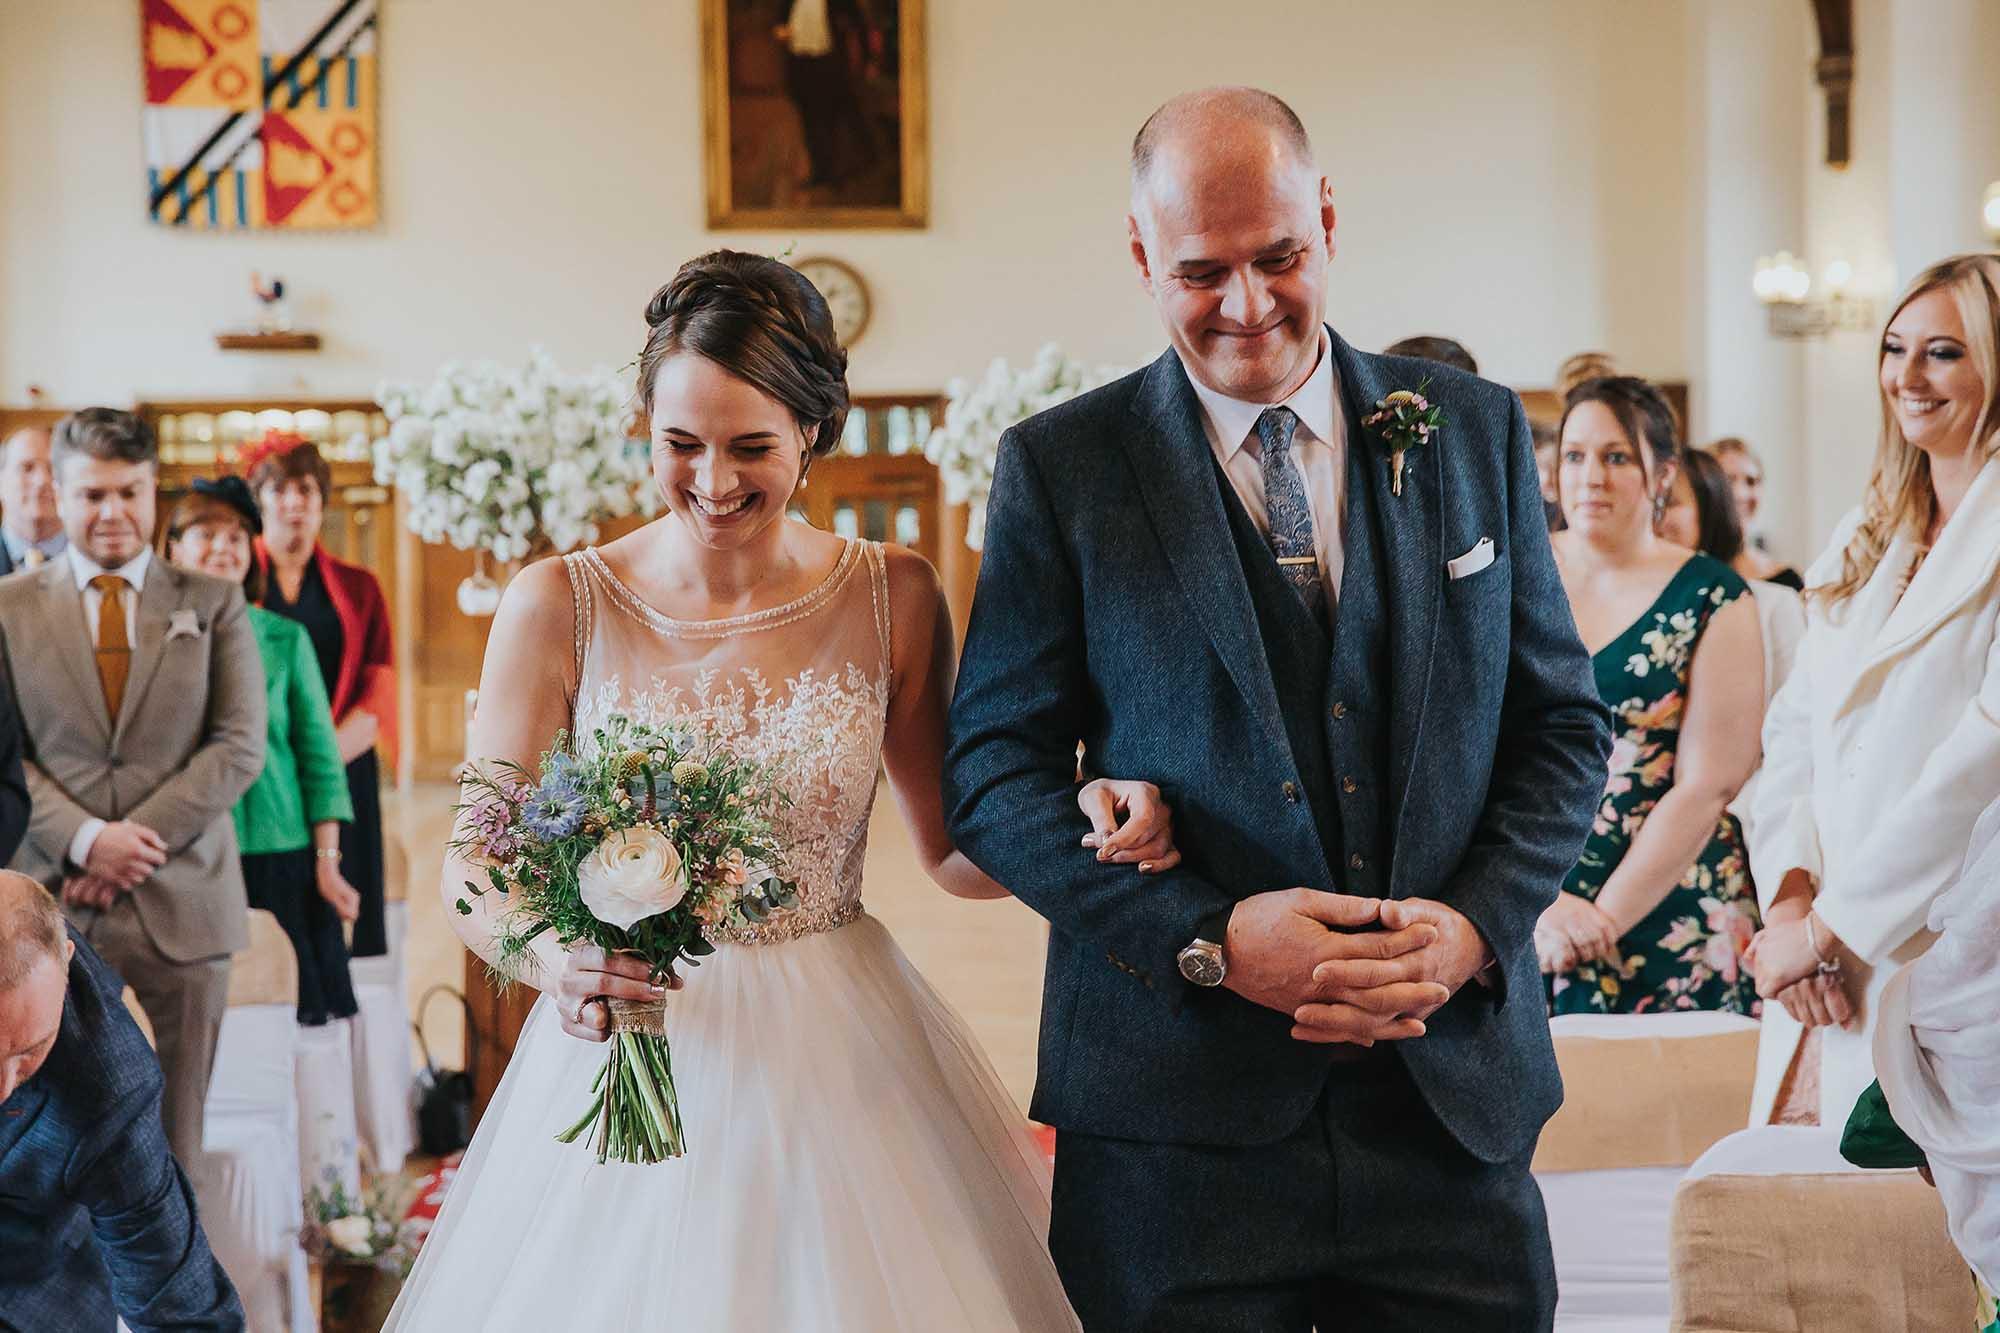 Bolton School wedding ceremonies